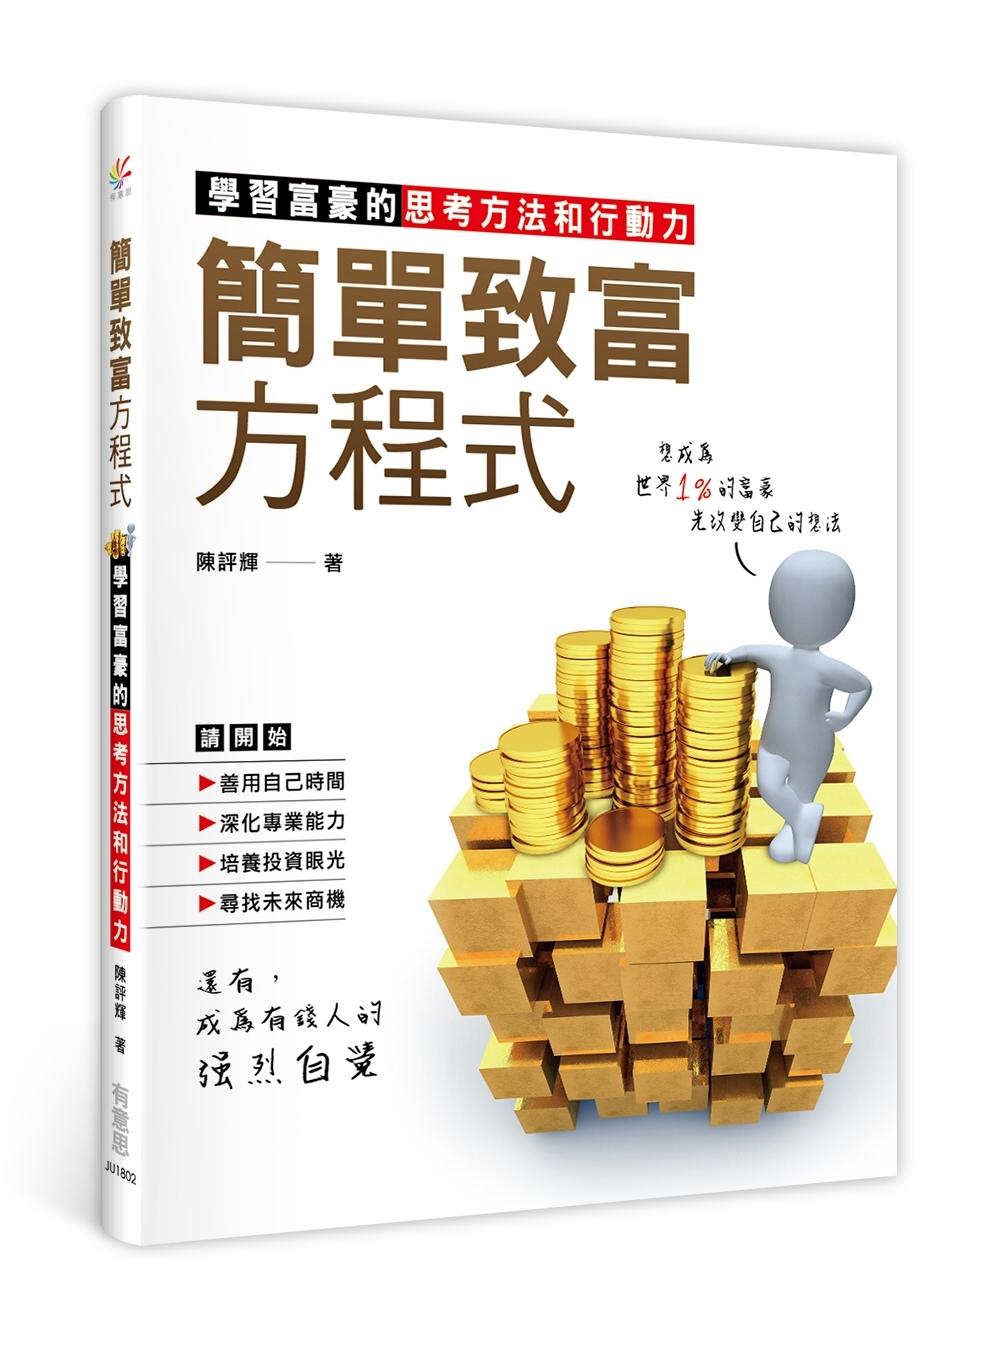 《簡單致富方程式:學習富豪的思考方法和行動力》 商品條碼,ISBN:9789865001094